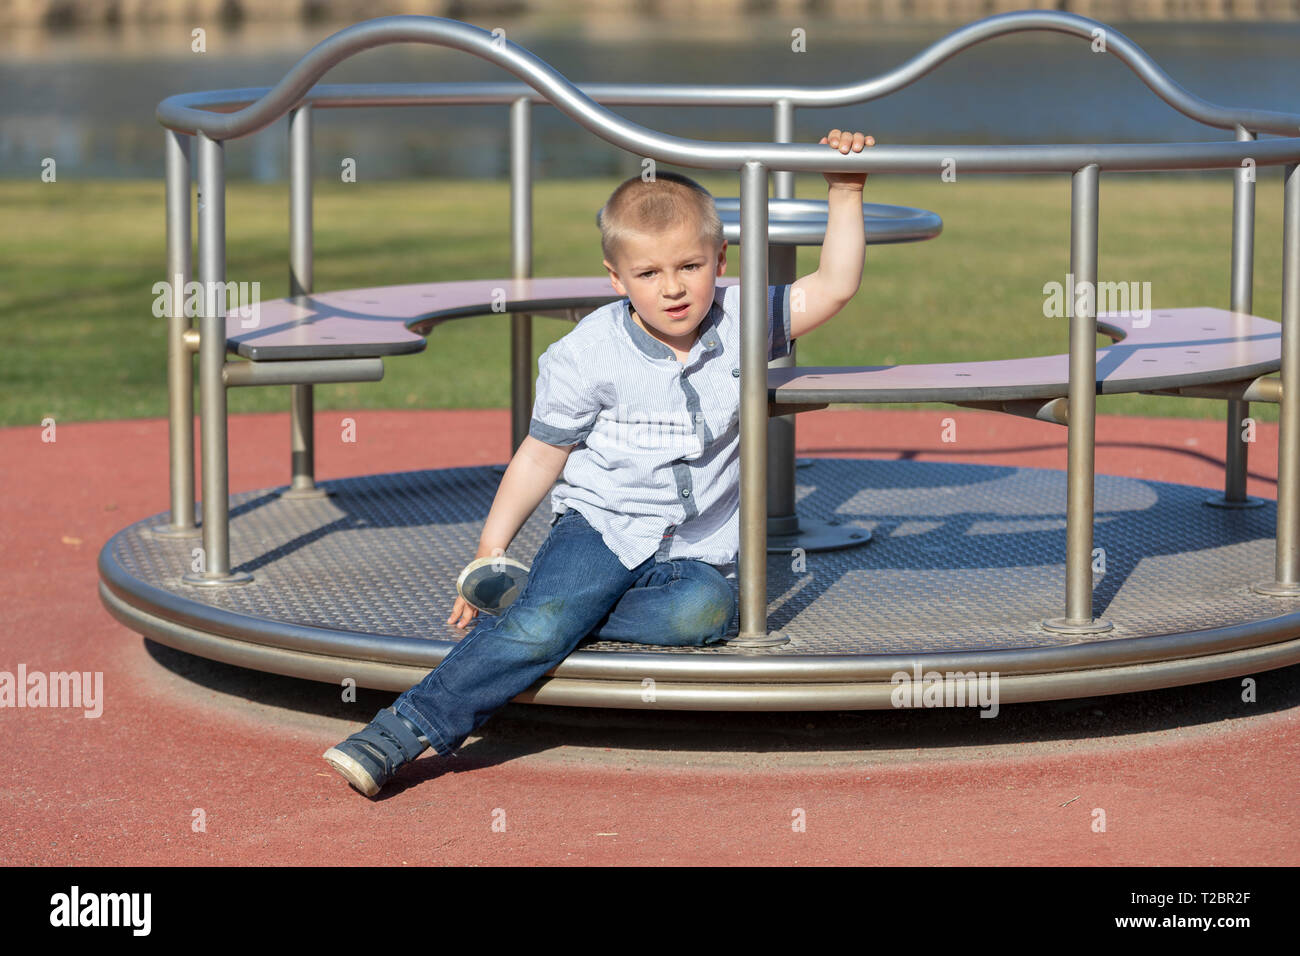 Petit garçon sur une aire de jeux. Enfant jouant à l'extérieur en été. Les enfants jouent sur la cour de l'école. Happy kid à la maternelle ou à la garderie. Les enfants s'amuser à Banque D'Images